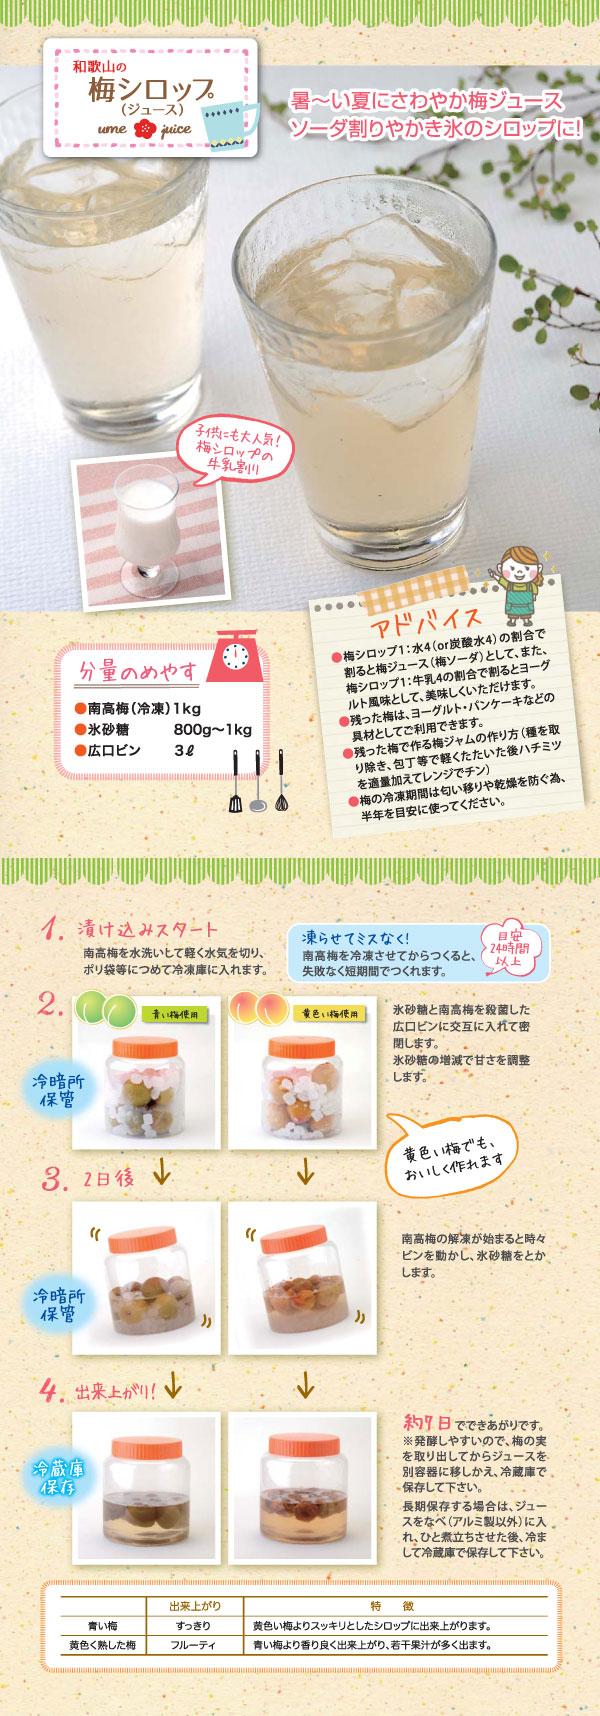 梅シロップ(ジュース)の作り方